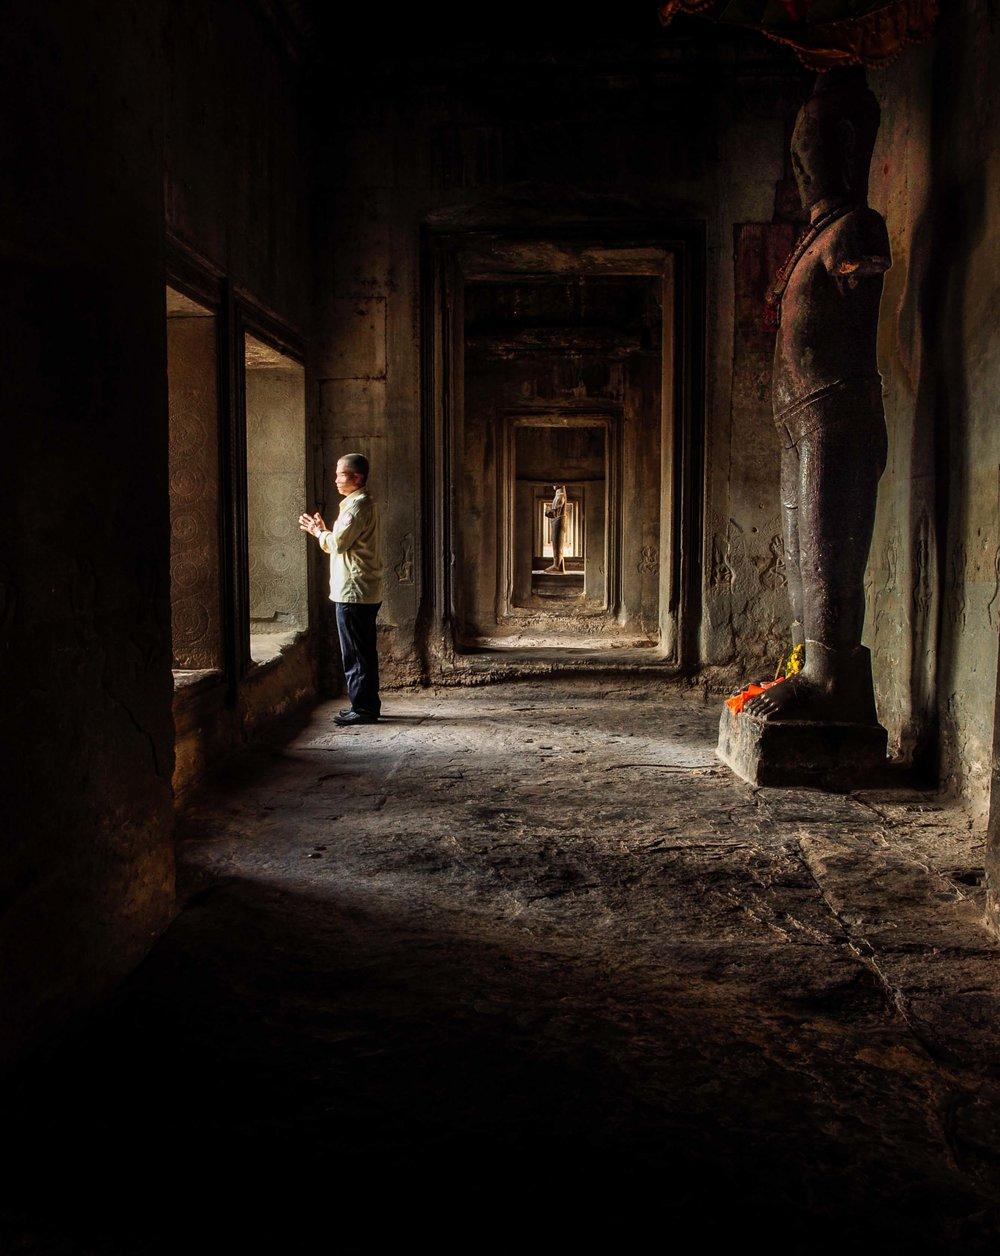 Man at Prayer. Angkor Wat, Angkor Wat, Siem Reap, Cambodia 2009